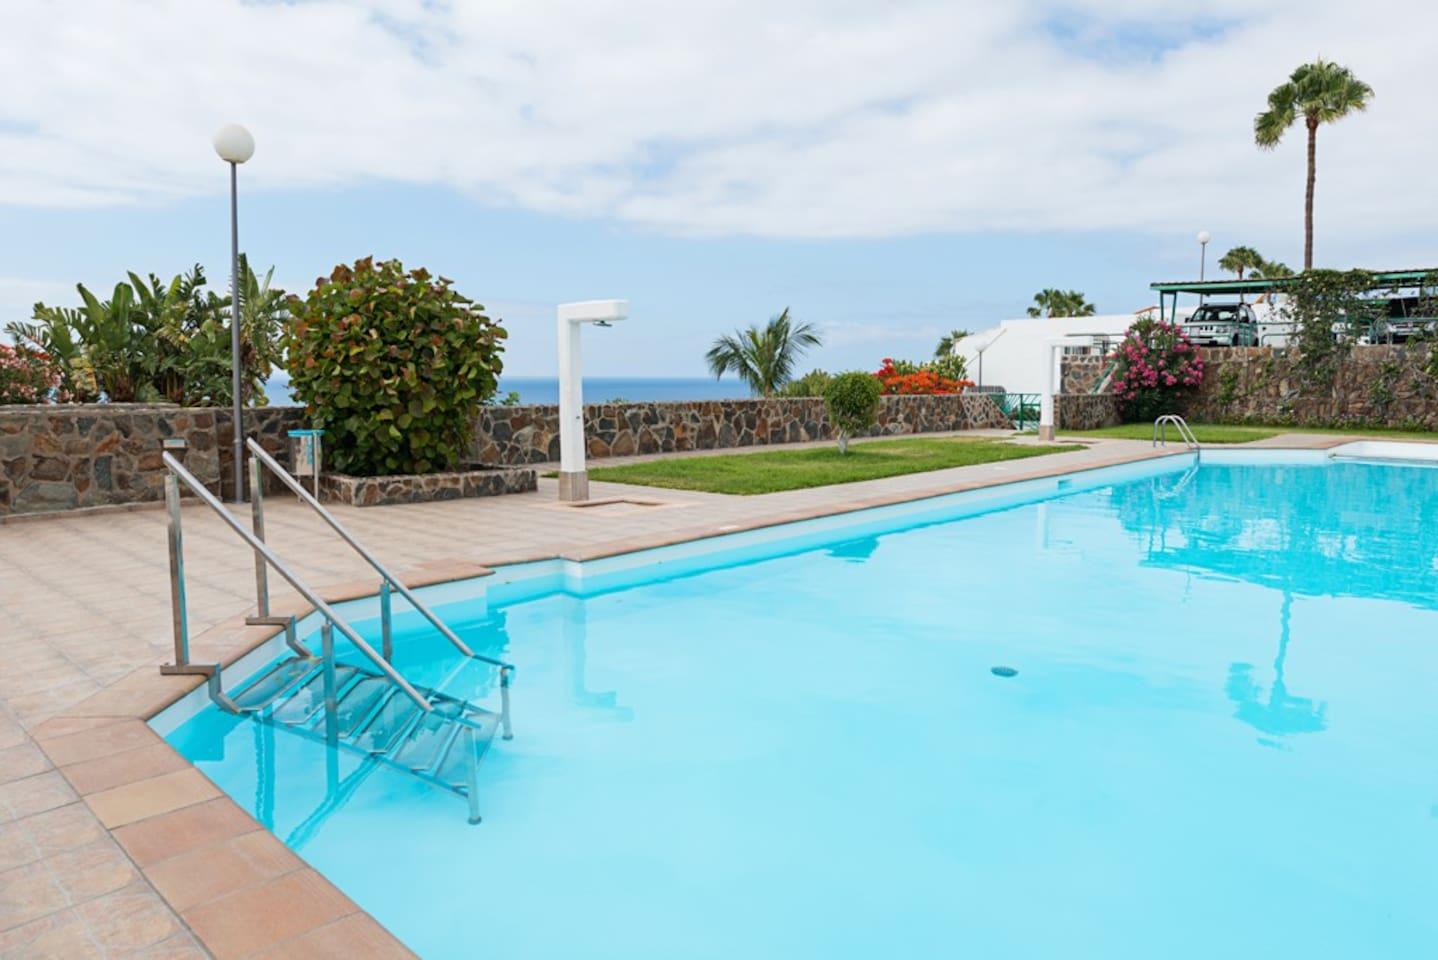 Community pool almost private with amazing views // Piscina comunitaria muy privada